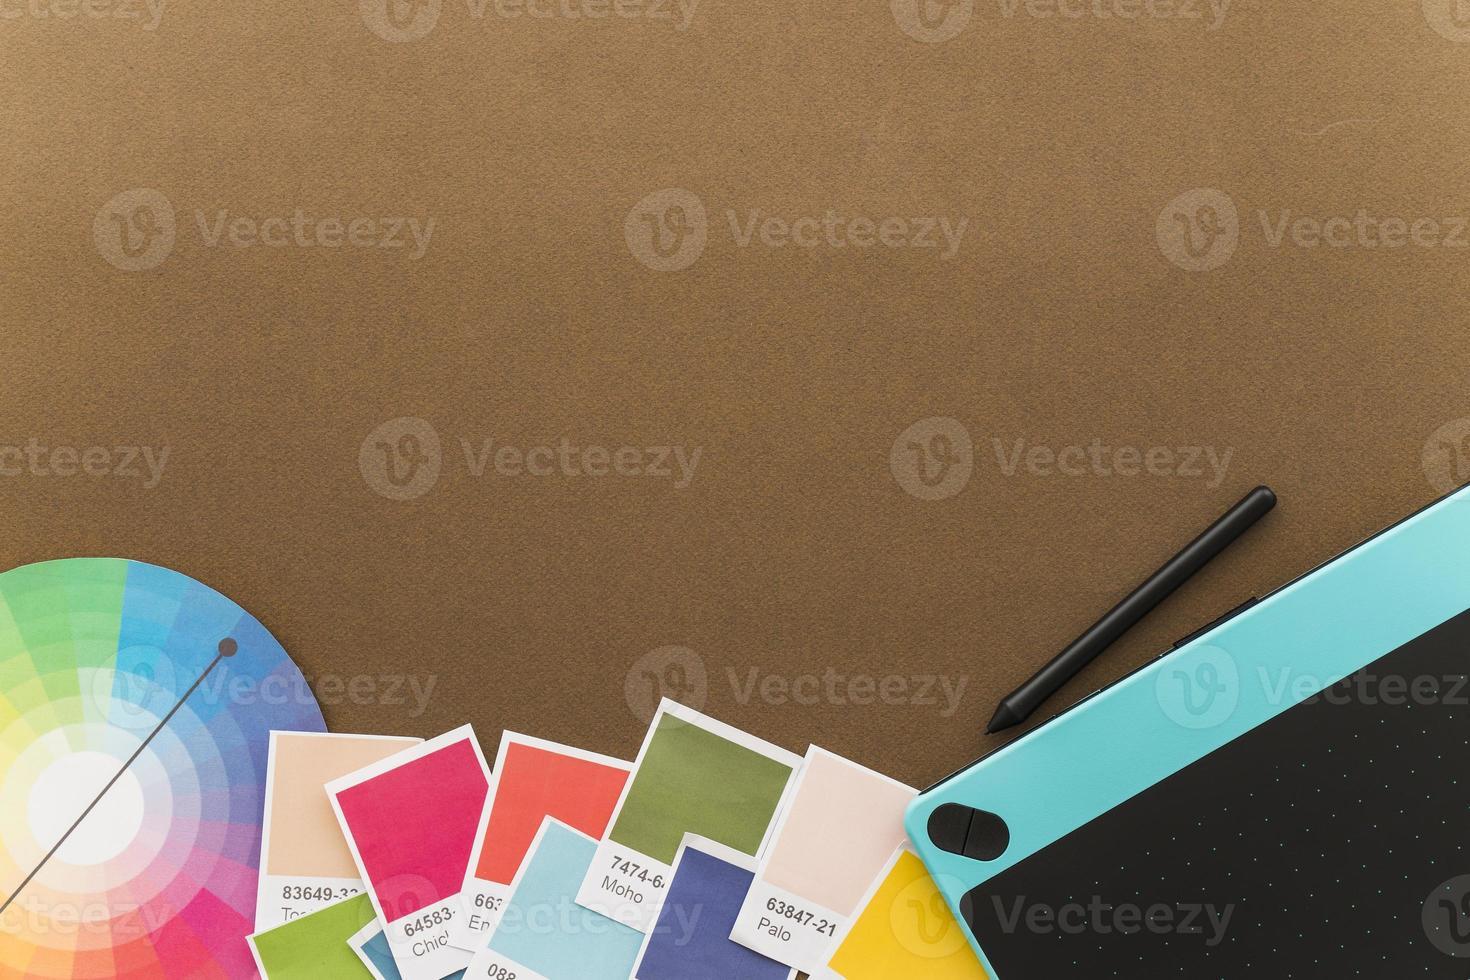 kreativitetskoncept med grafiskt tablettutrymme. hög kvalitet och upplösning vackert fotokoncept foto